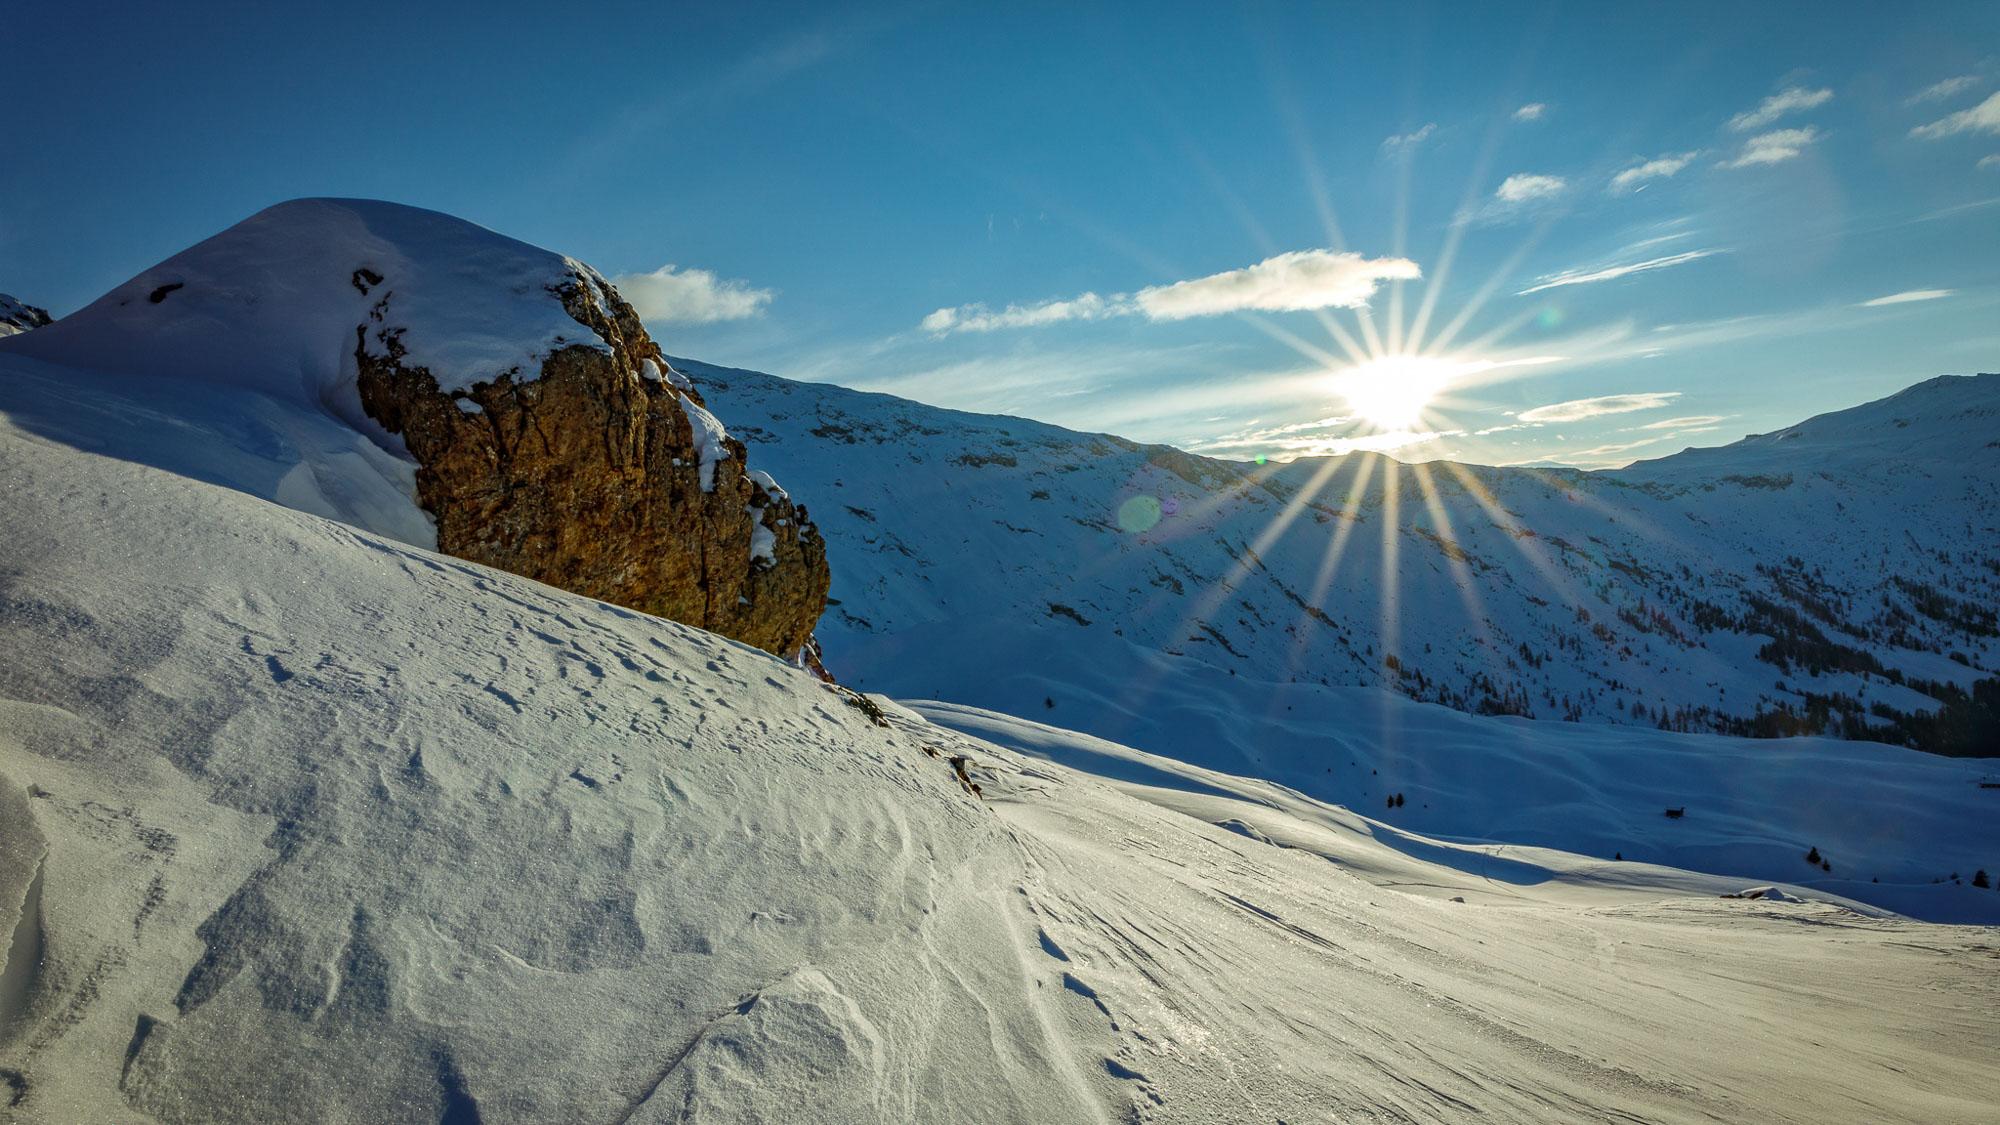 venolab / Sonne, Schnee und Stein